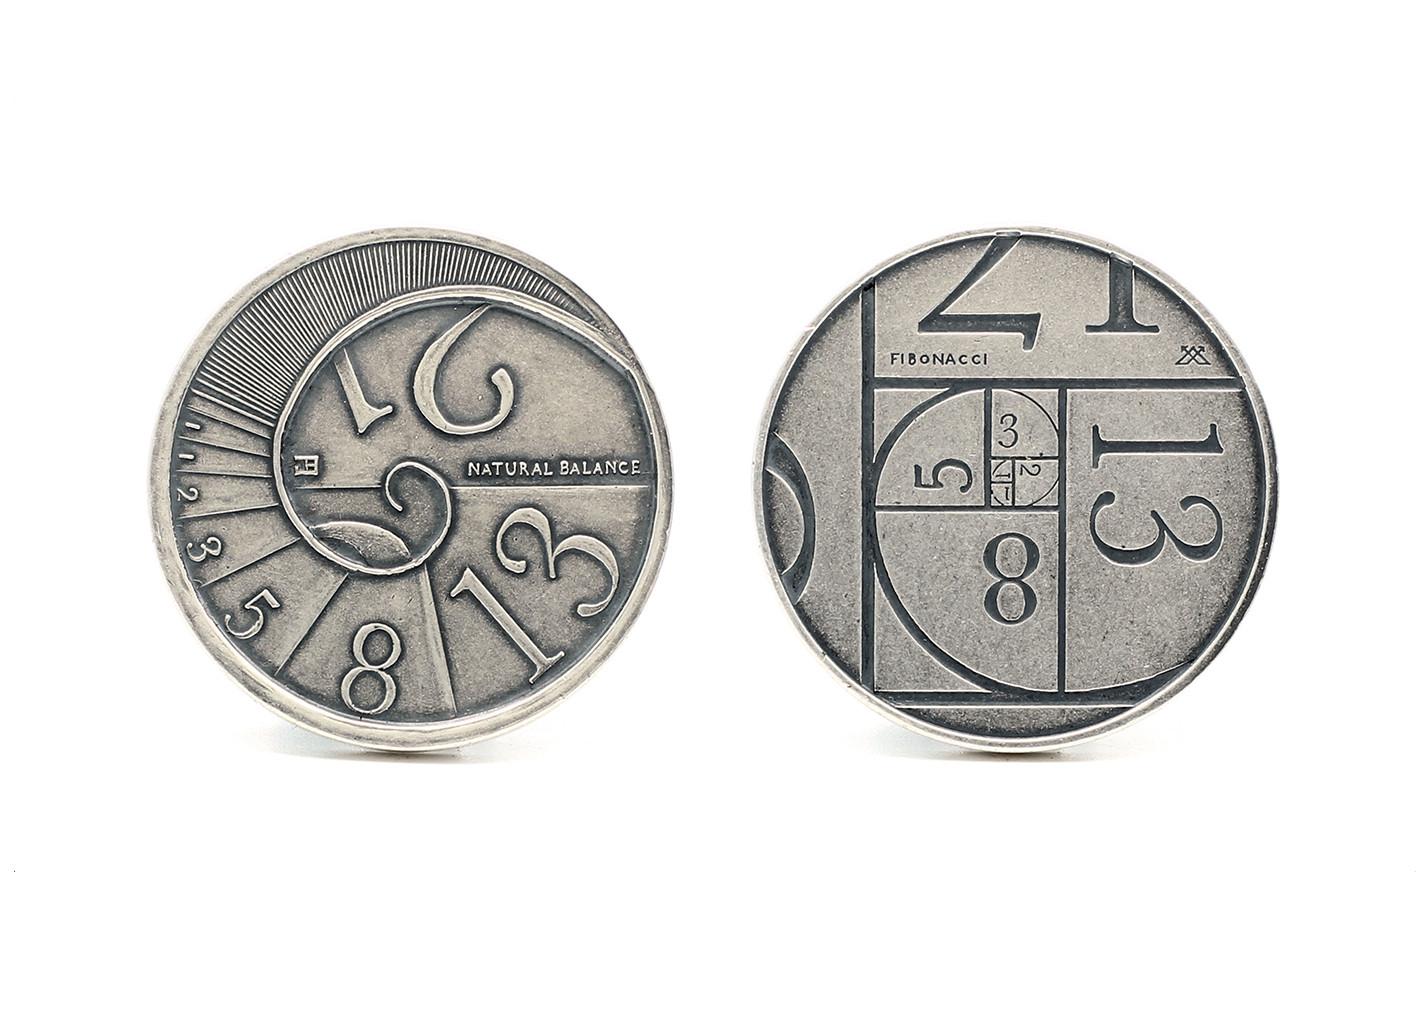 Fib coin cropped.jpg